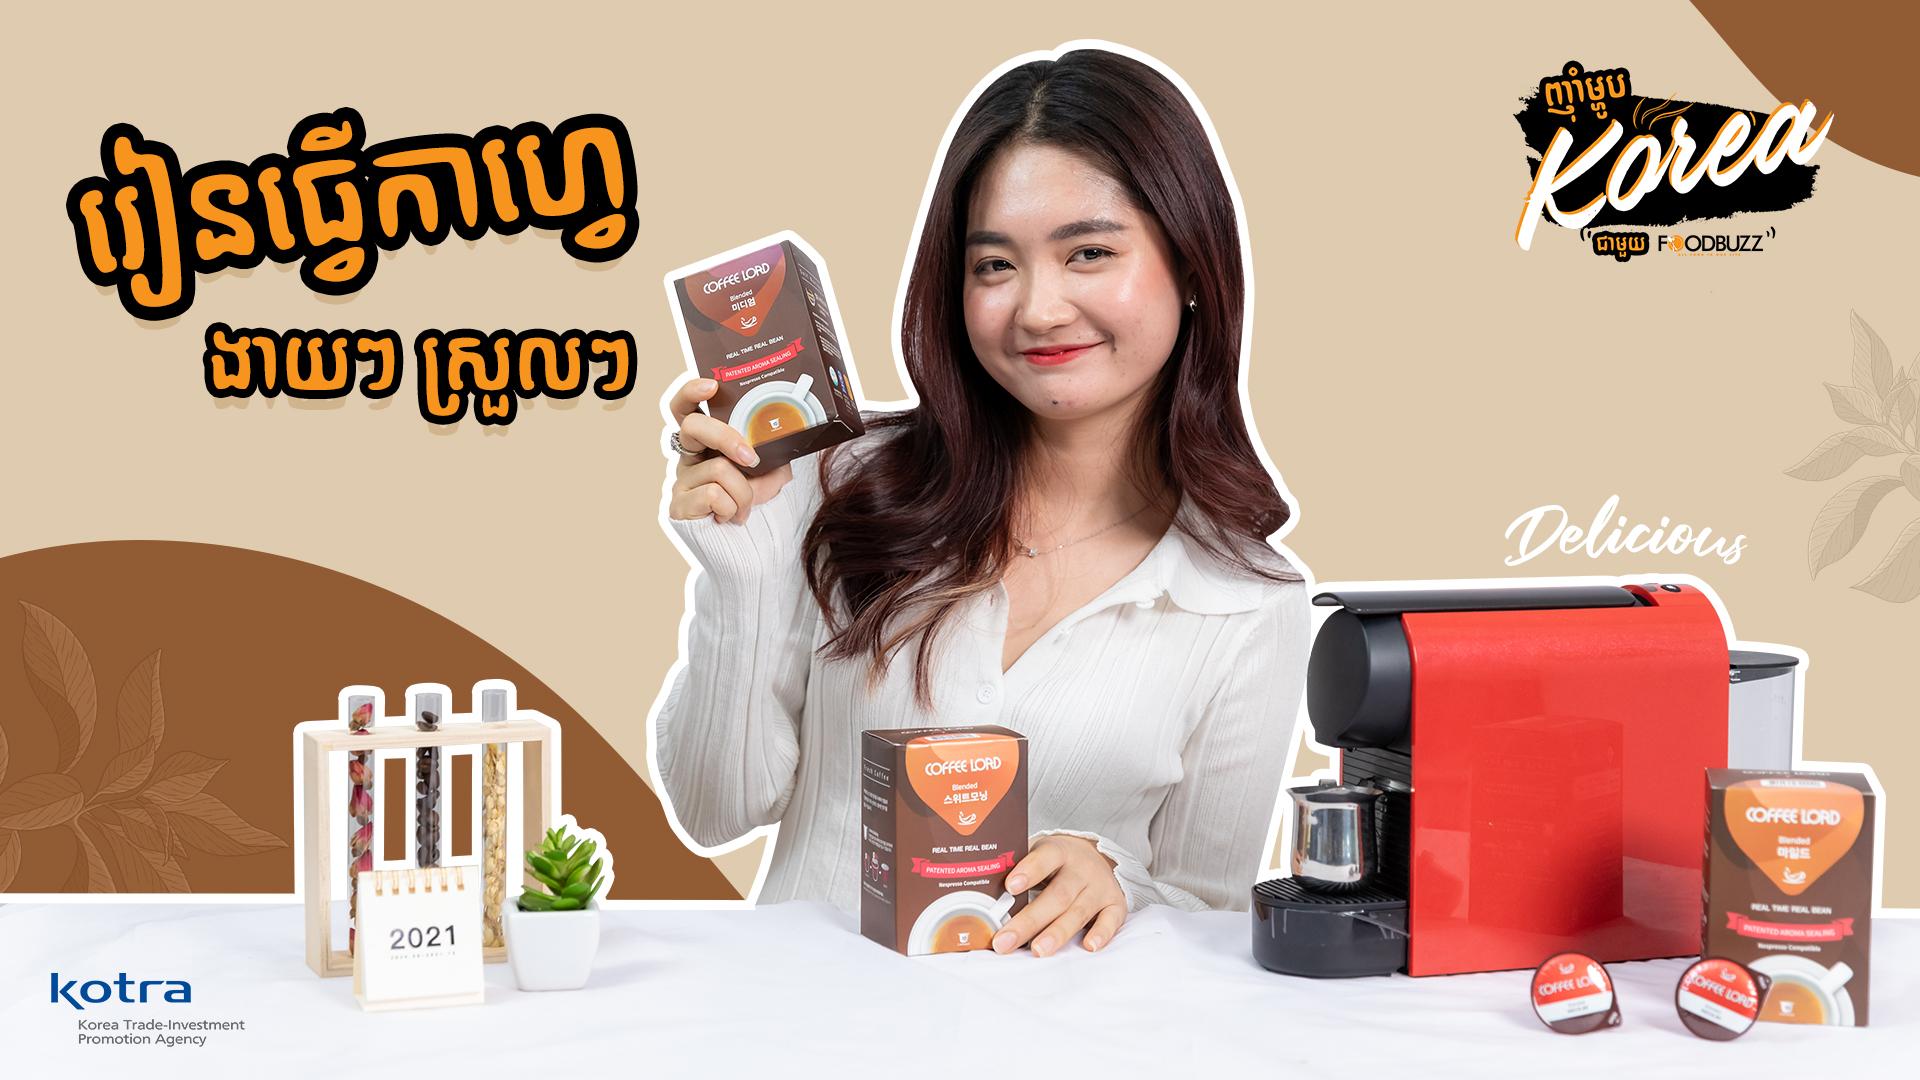 តោះ! រៀនធ្វើកាហ្វេញ៉ាំនៅផ្ទះជាមួយ COFFEE LORD